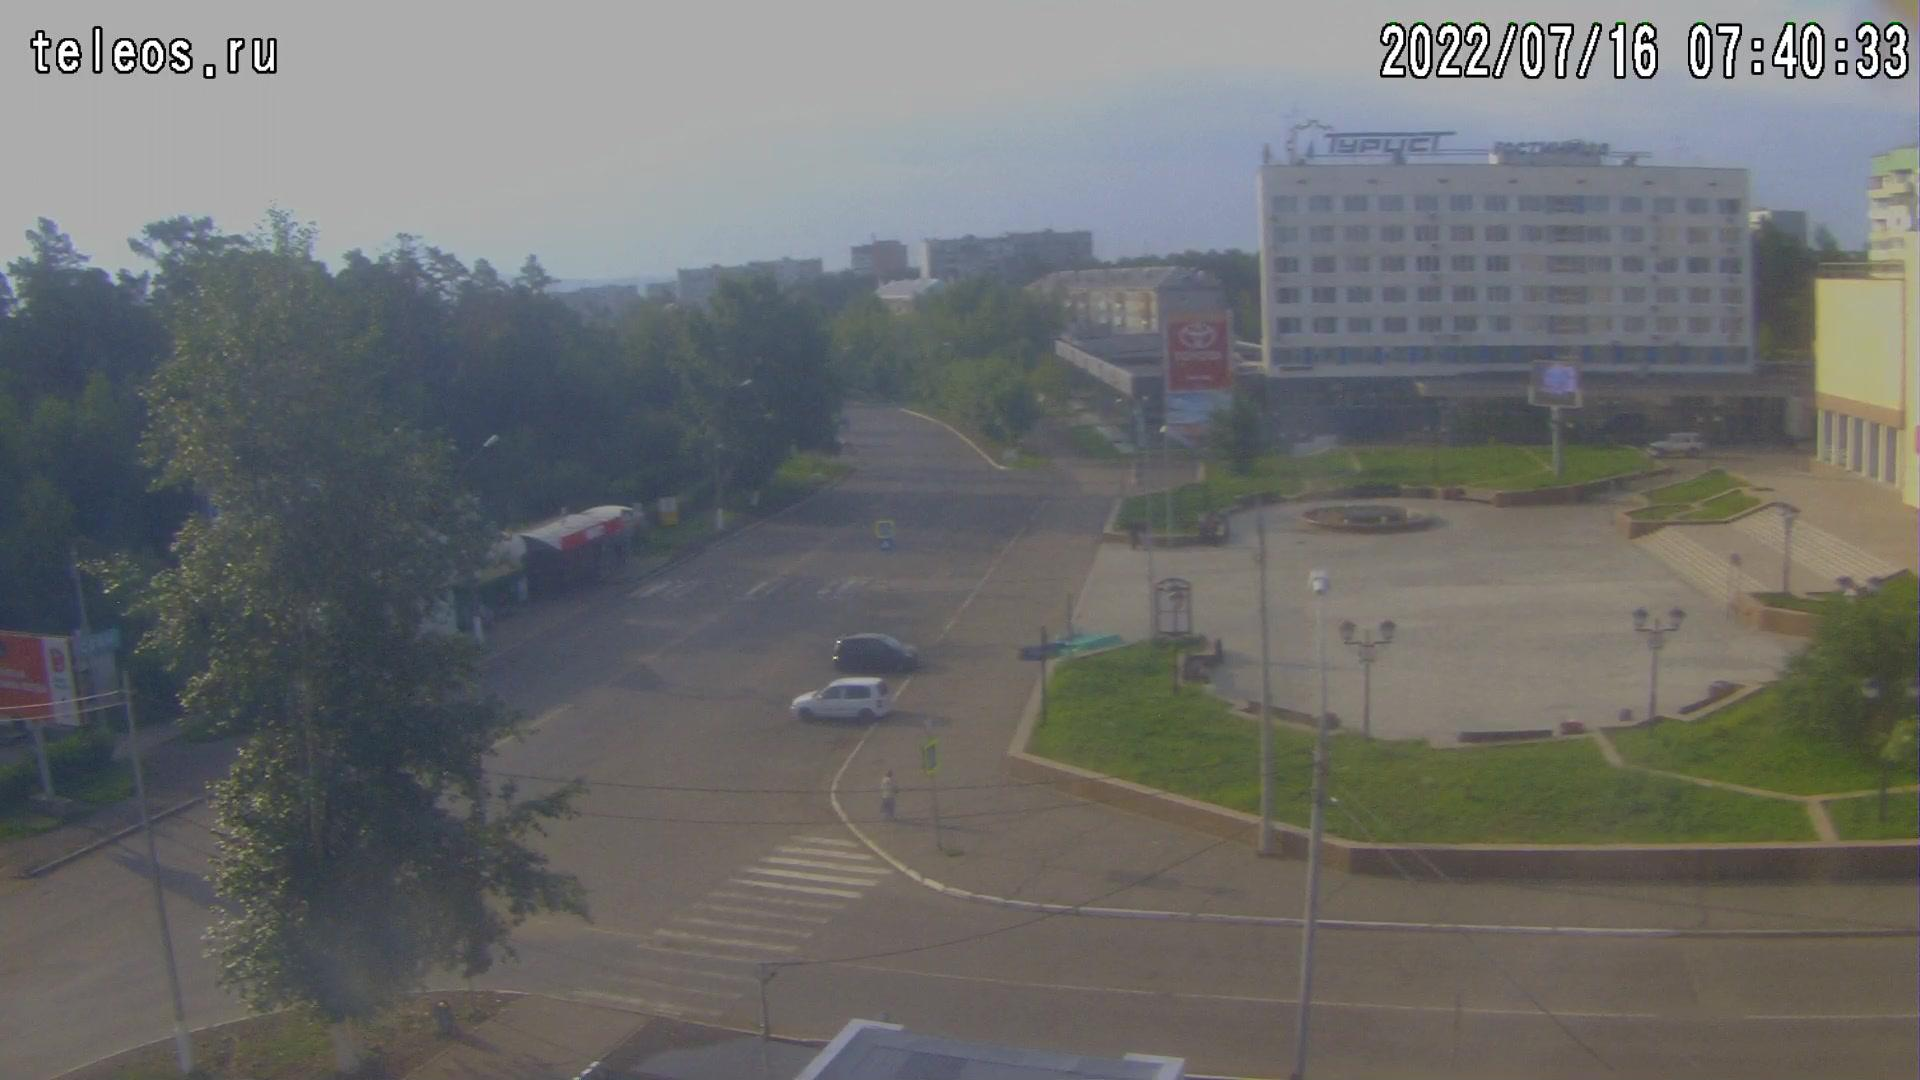 Webkamera Энергетик: Братск − площадь